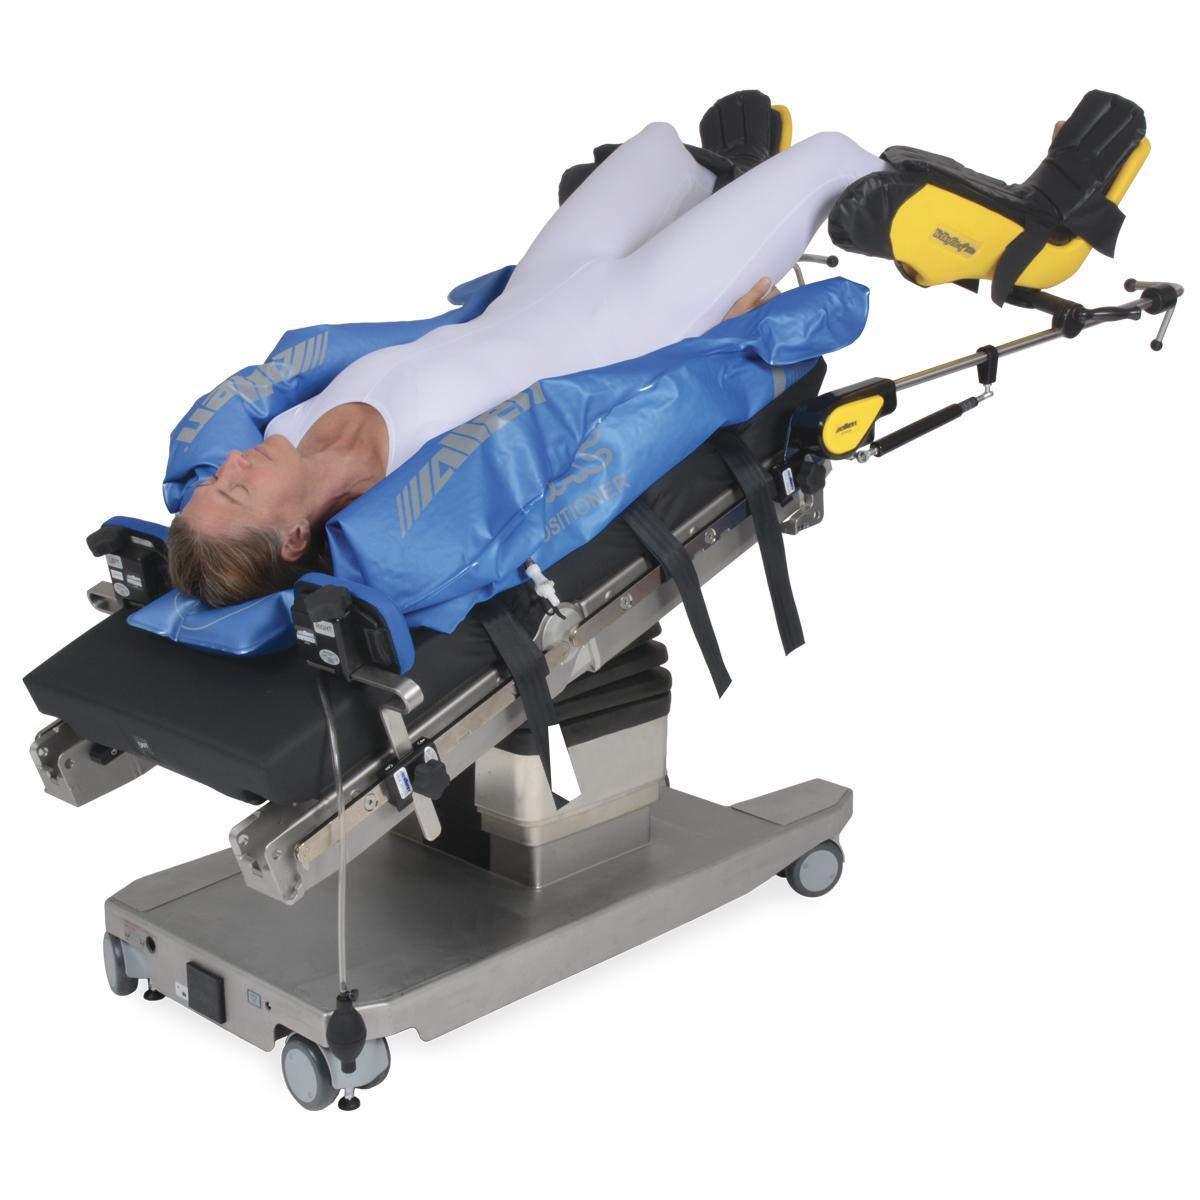 Allen Hug-U-Vac Steep Trend Positioners diagonal view with patient